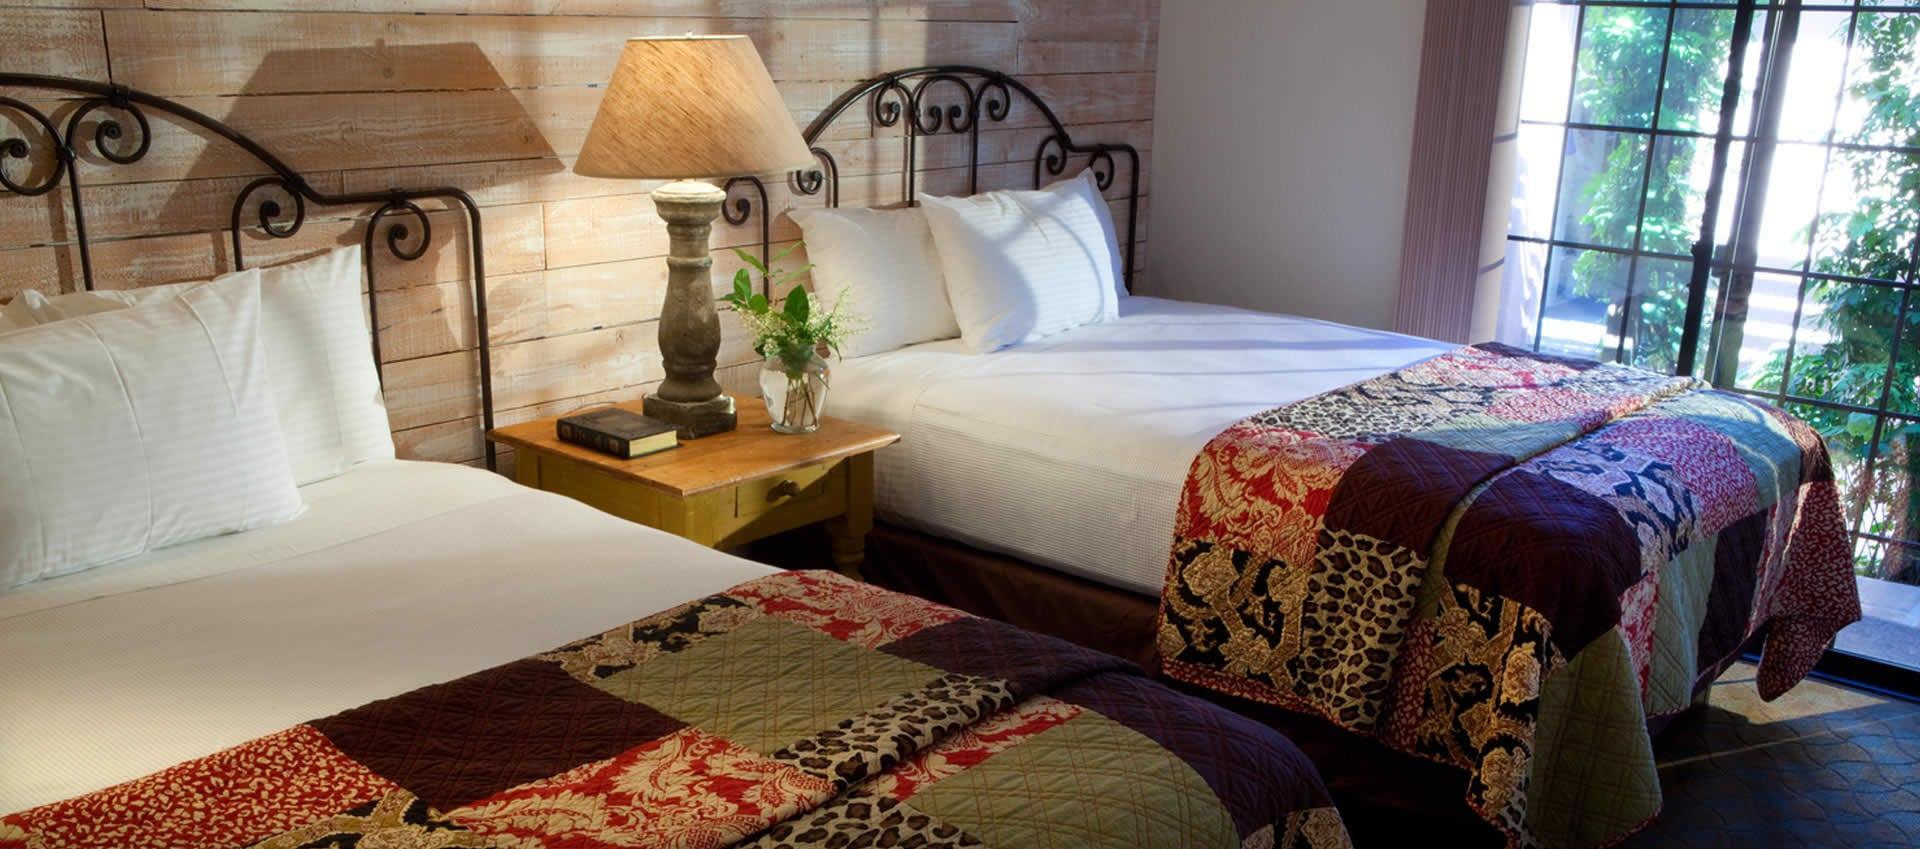 HotelCA_pic_Casita1